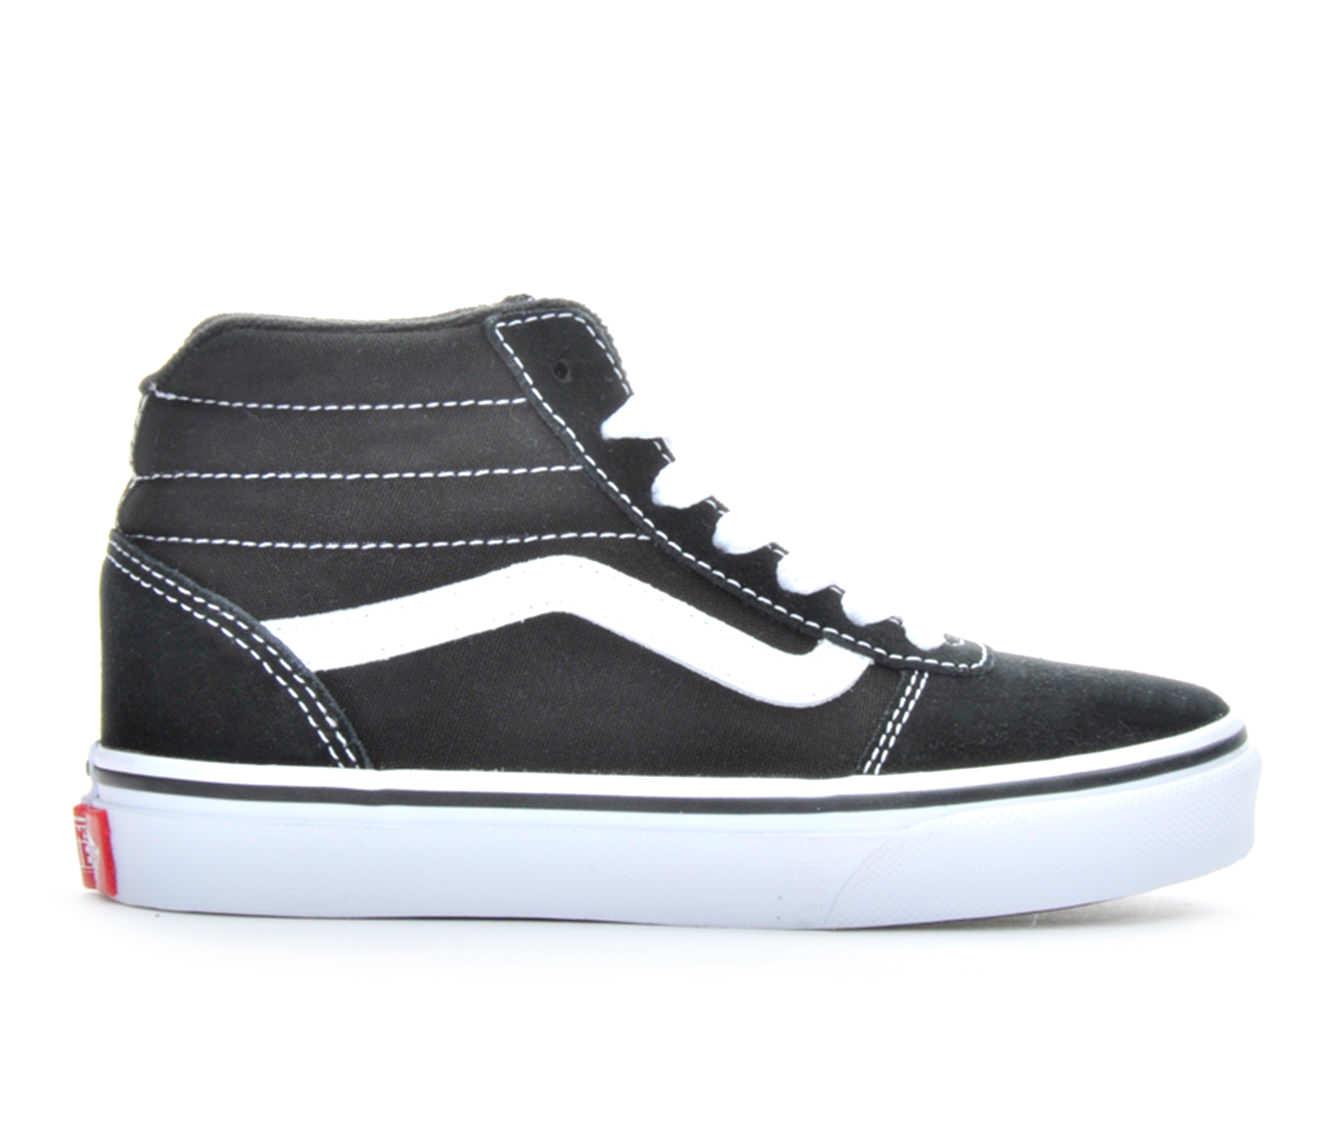 Boys' Vans Ward Hi Skate Shoes (Black)